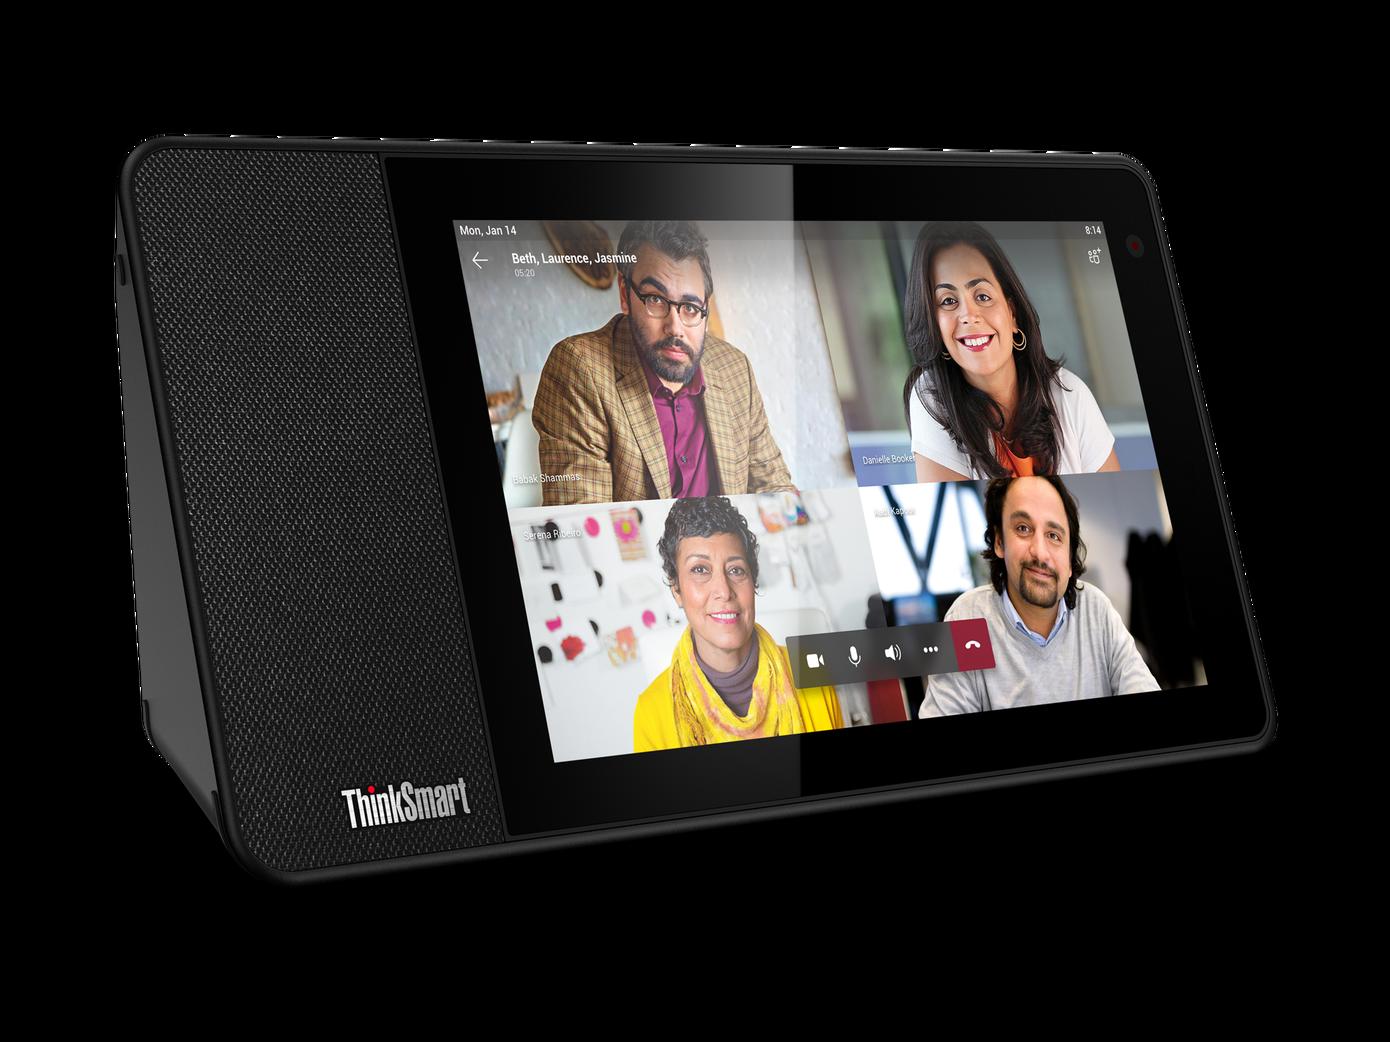 Lenovo está llevando pantallas inteligentes a las oficinas con el dispositivo Microsoft Teams